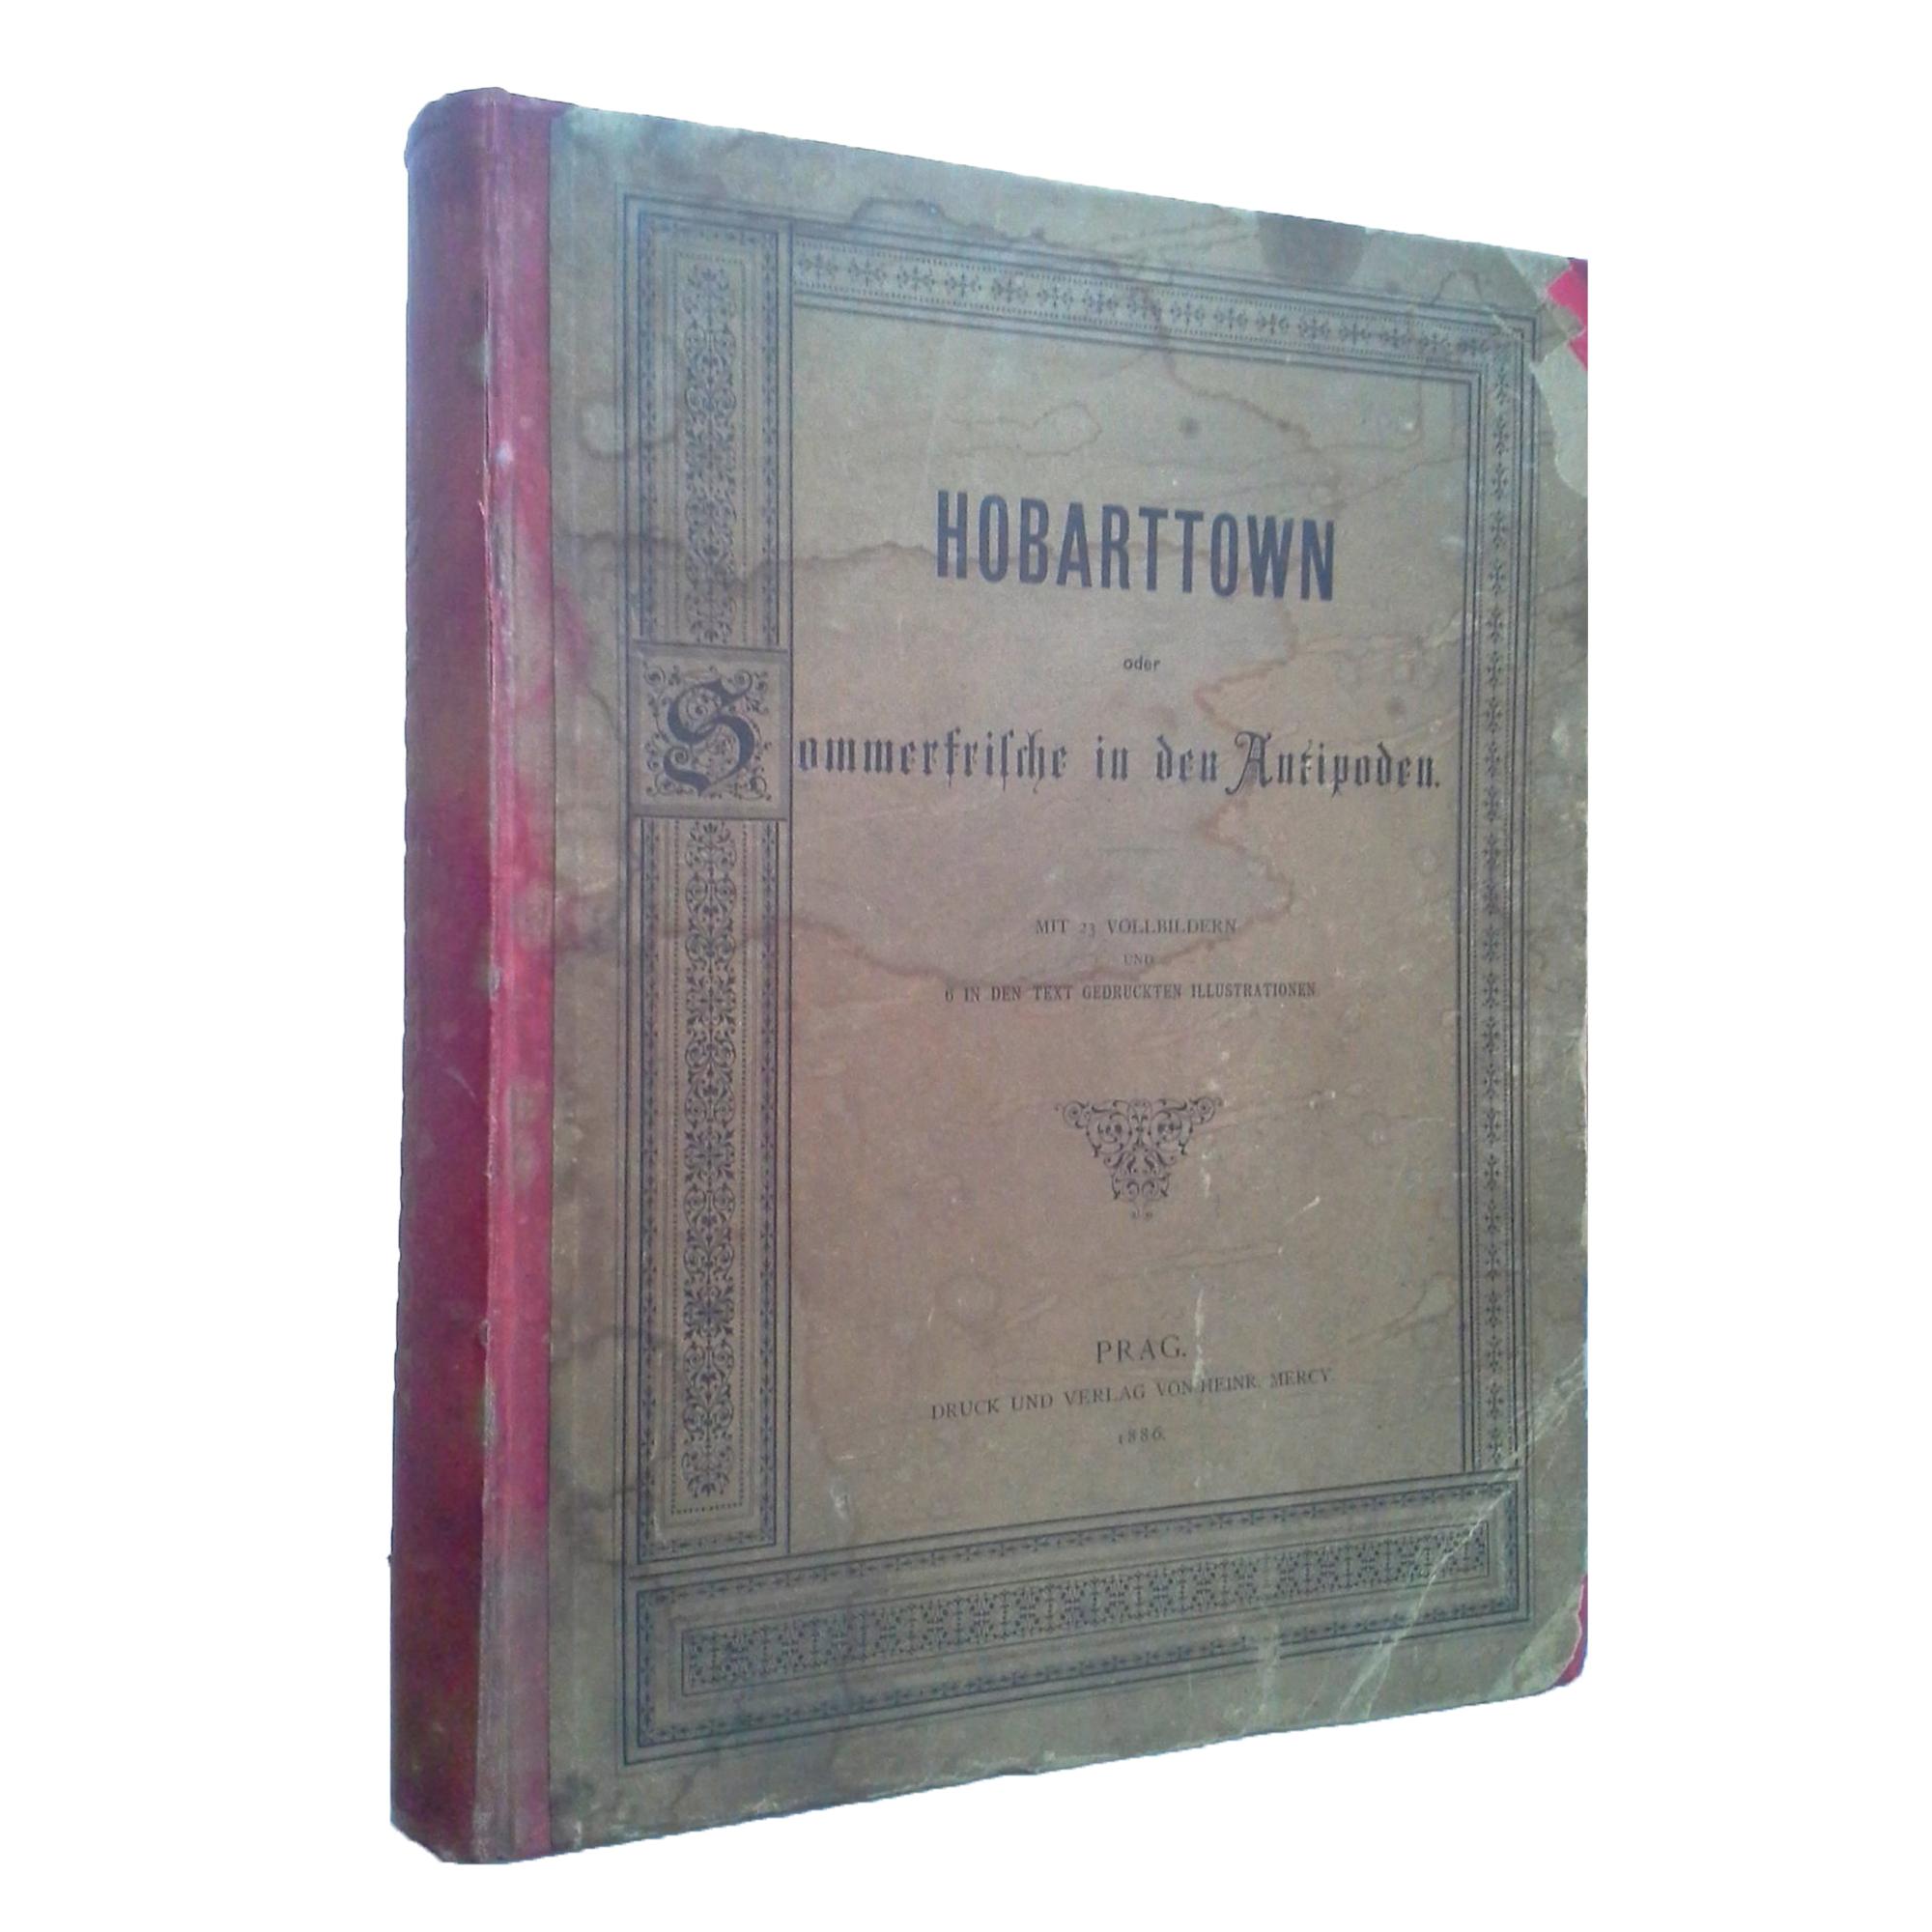 1354-Salvator-Hobarttown-1886-1200×1746-1.jpg